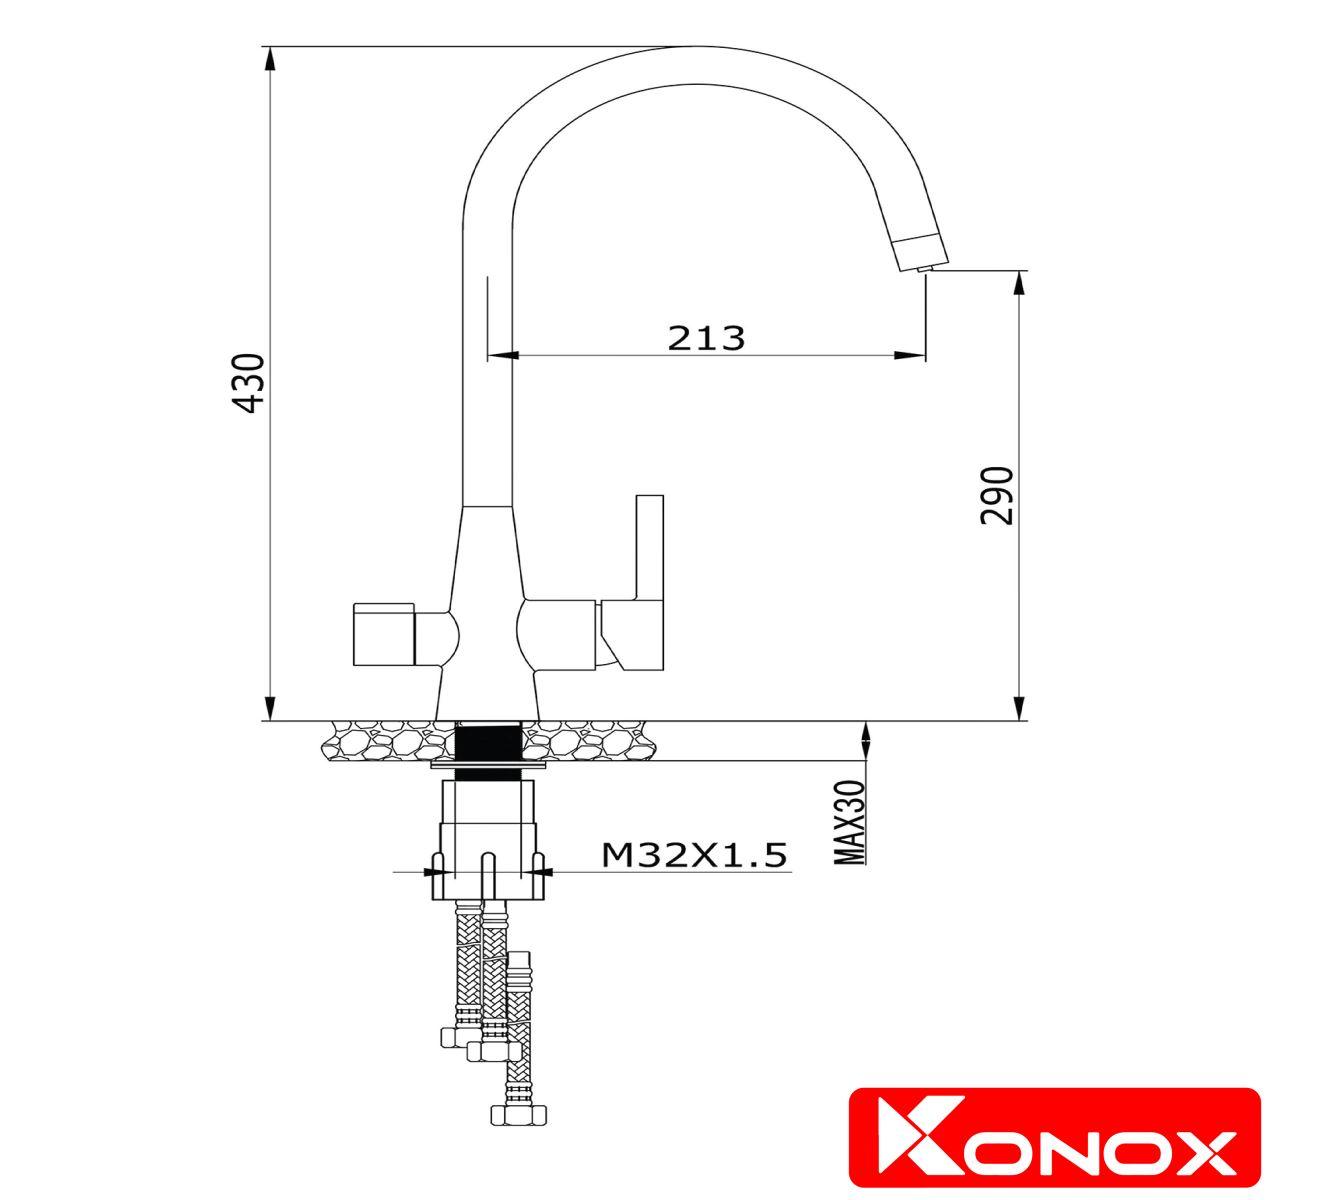 thiết kế vòi rửa bát konox RO-KN1309